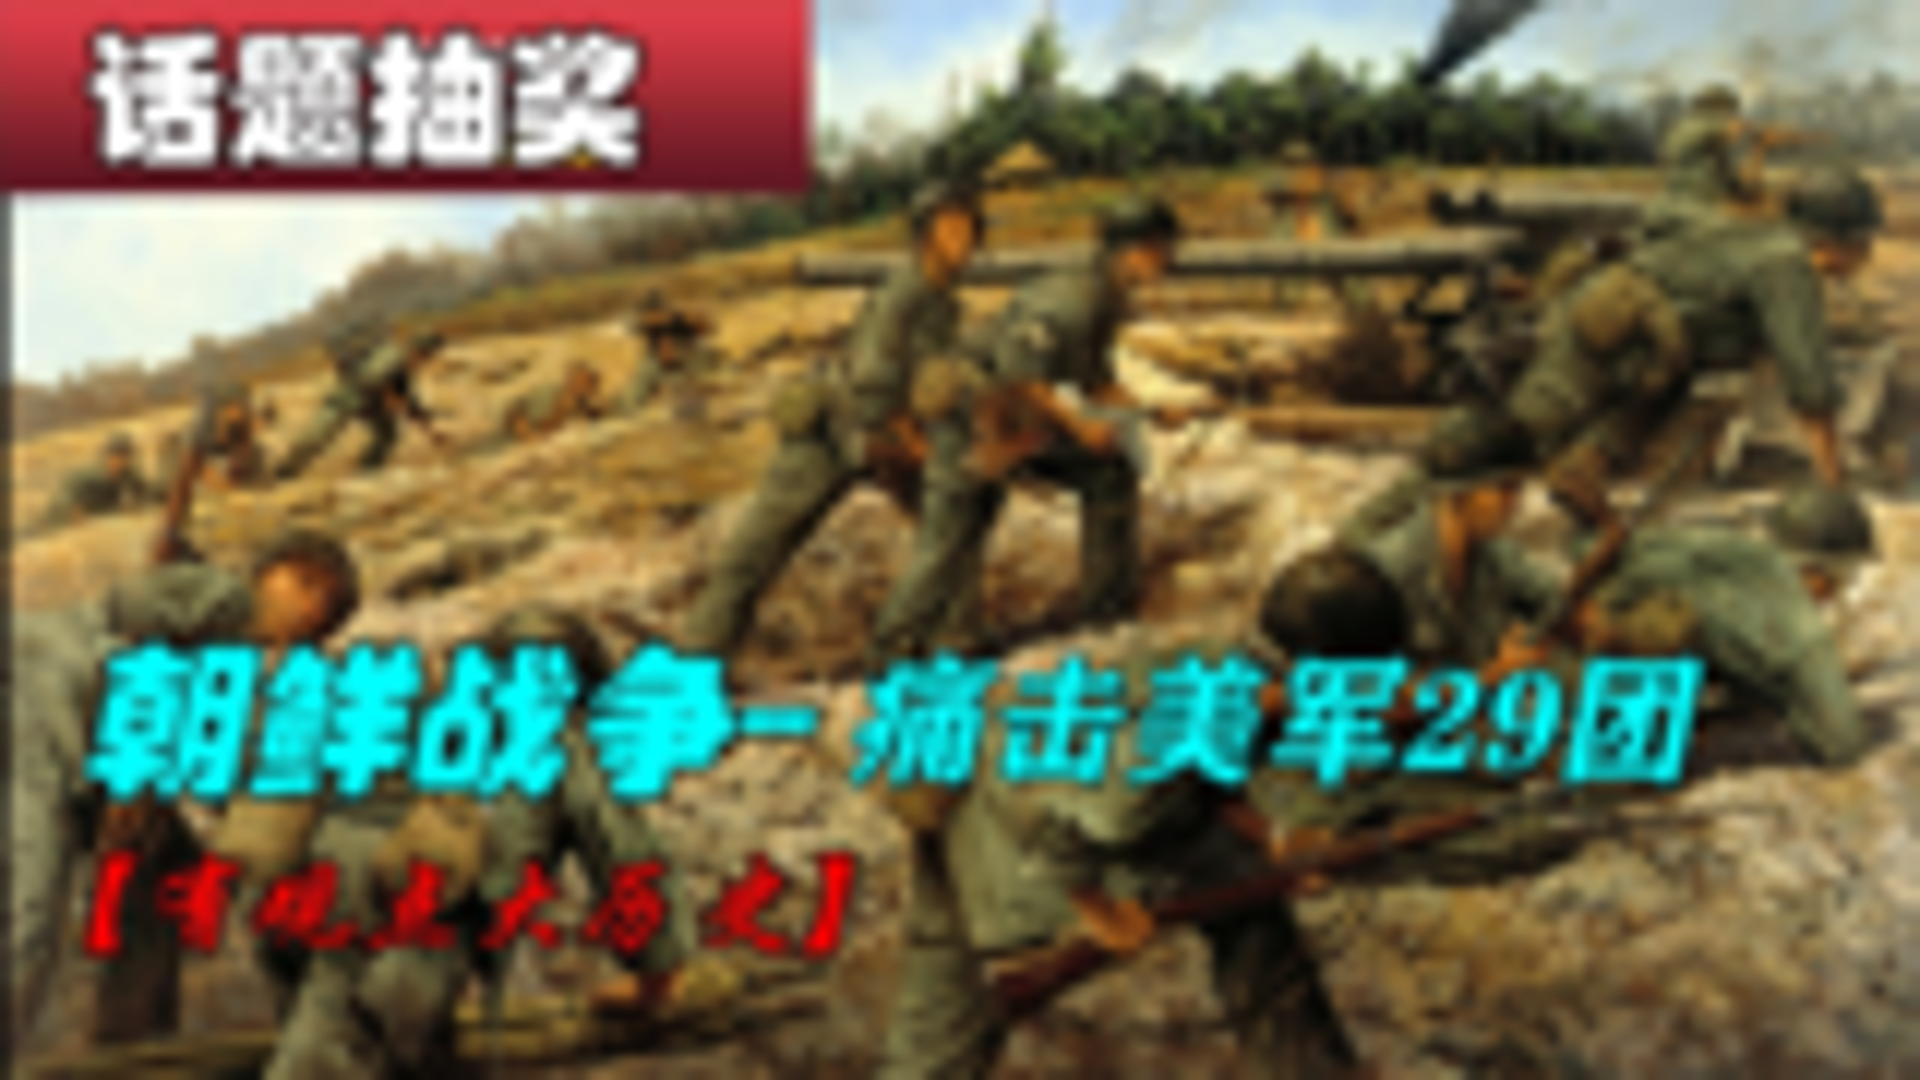 #话题抽奖#朝鲜战争--痛击美军29团战斗群!!!